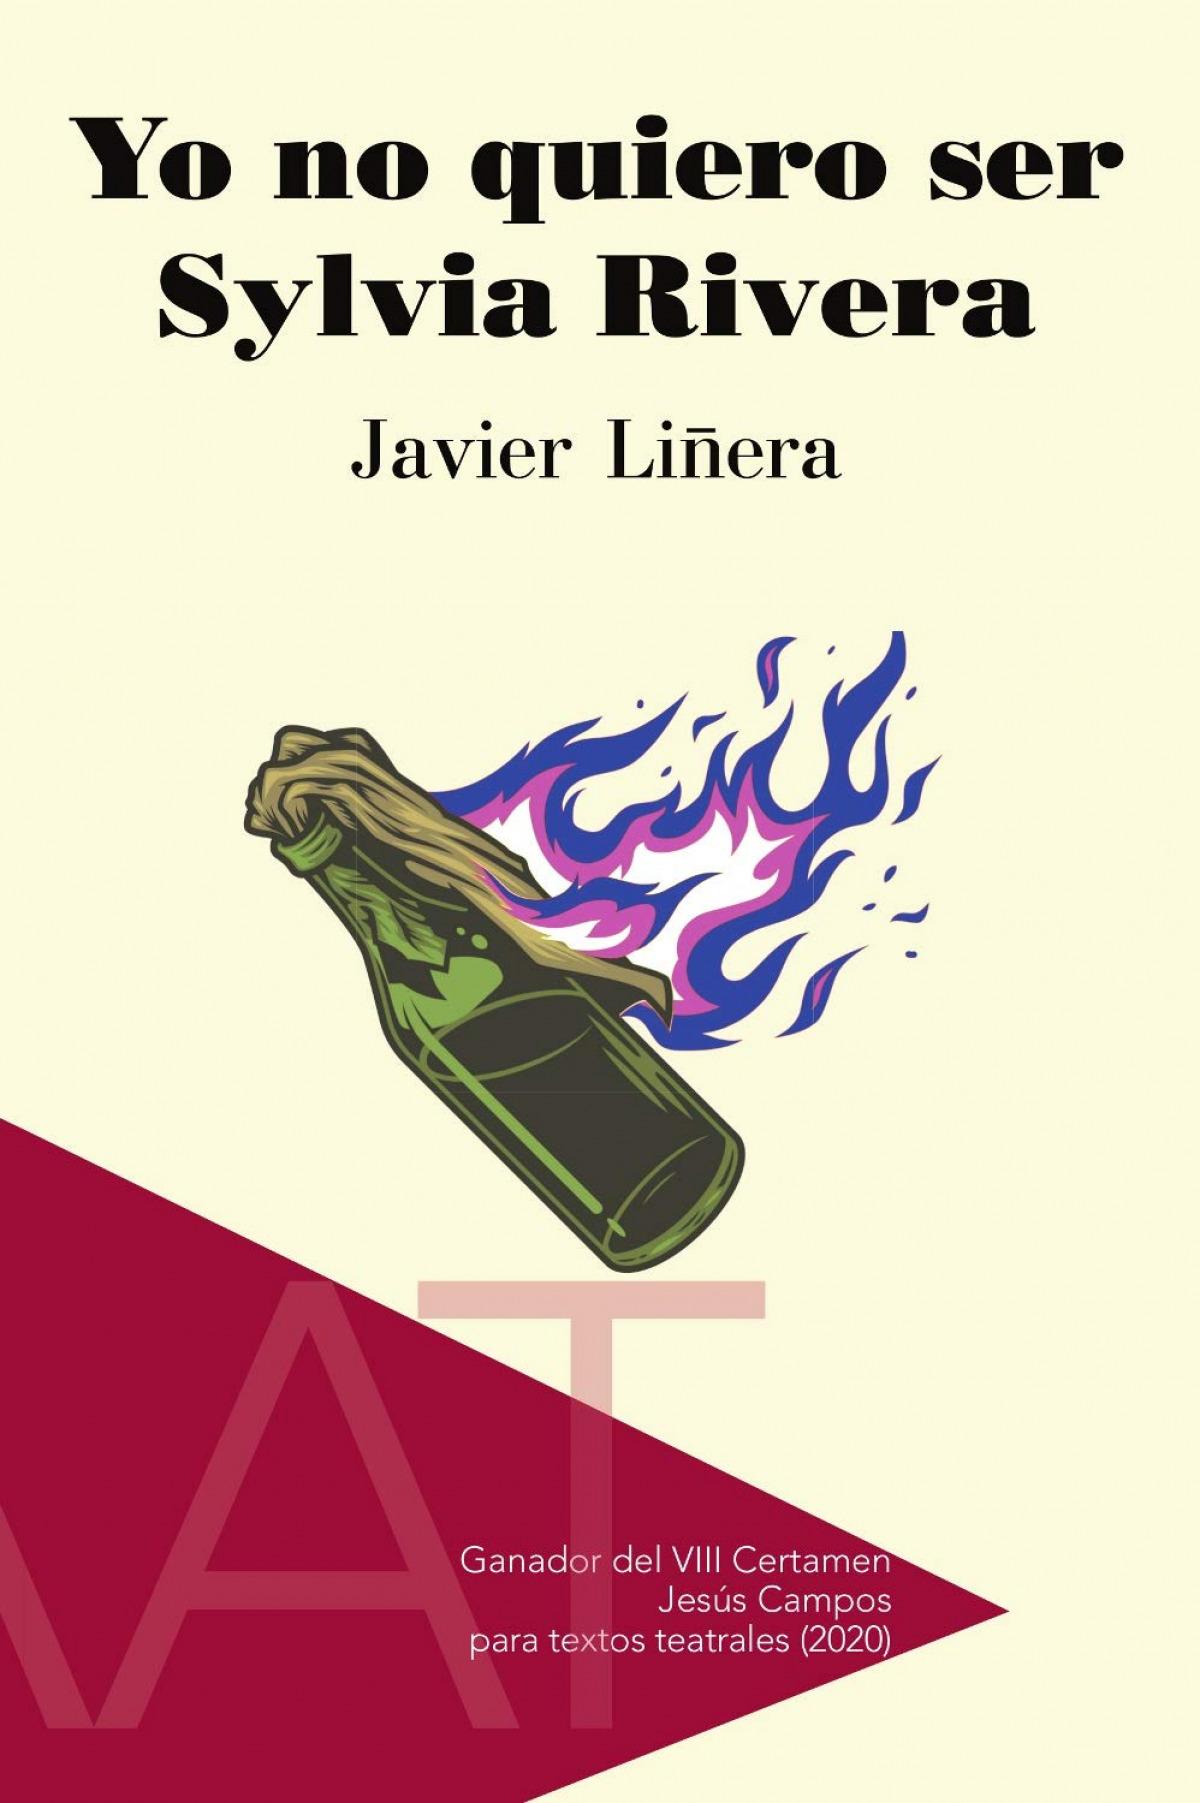 Yo no quiero ser Sylvia Rivera